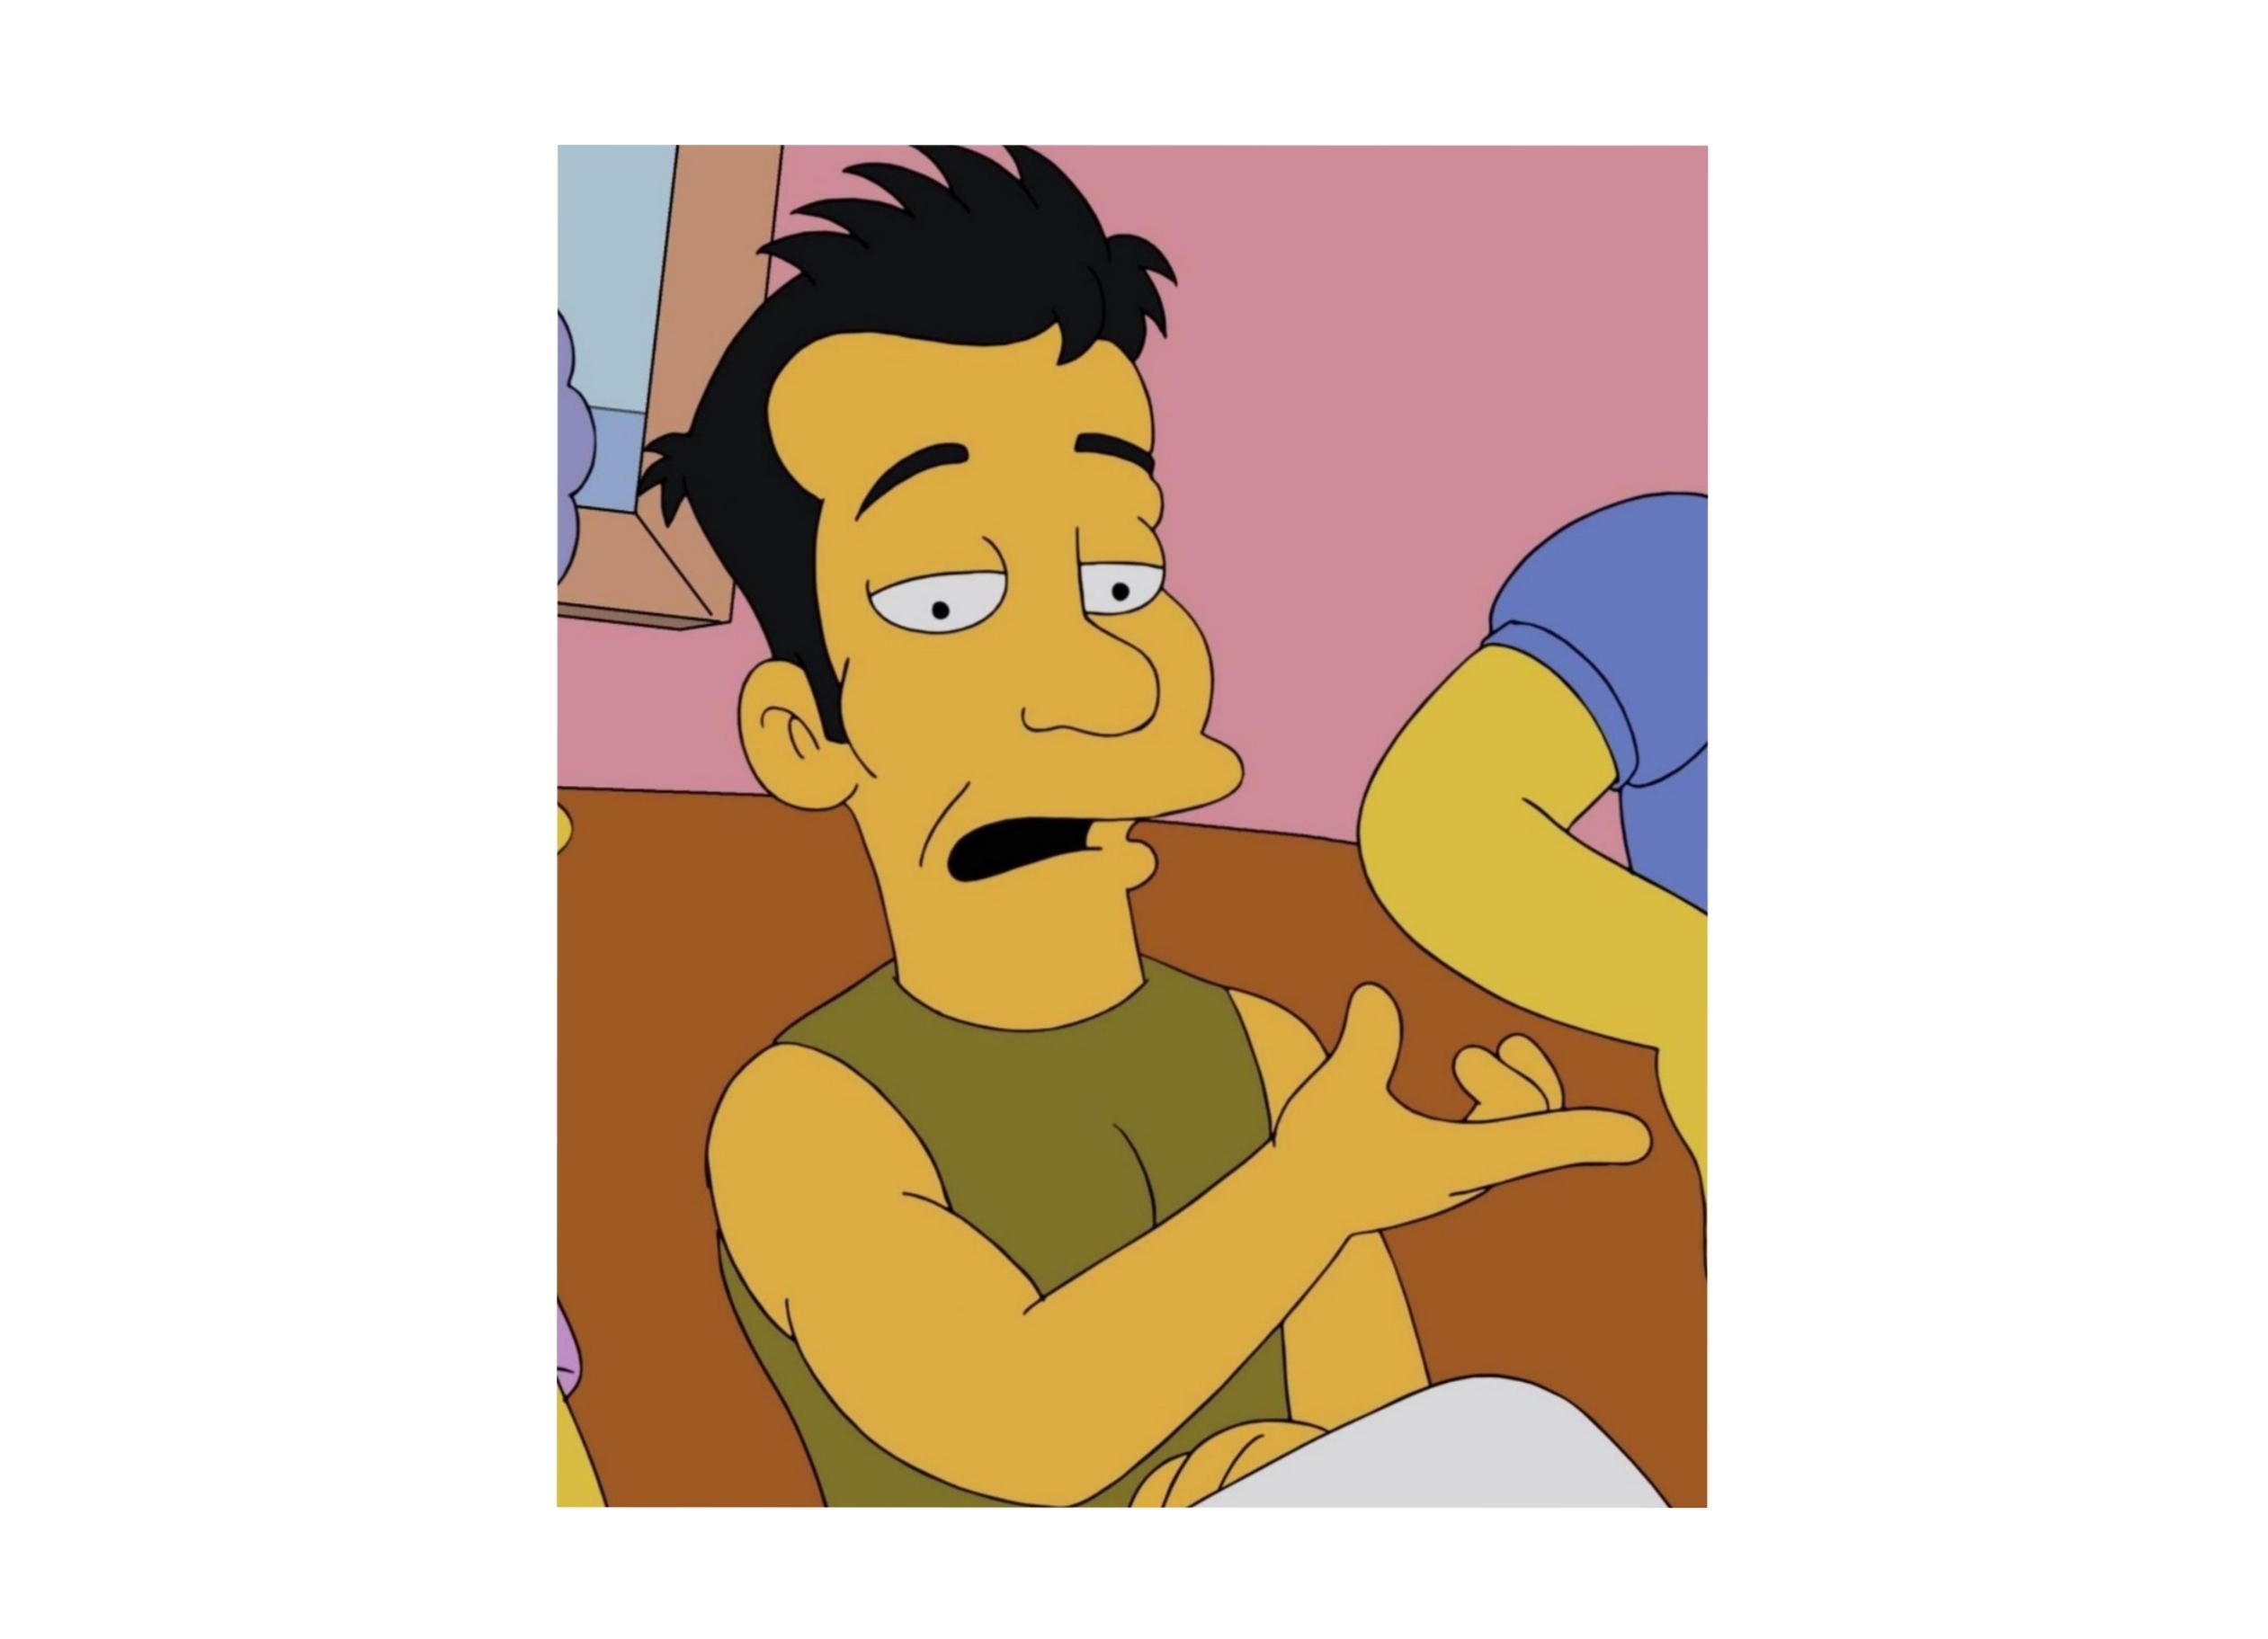 Personaje gay de Los Simpsons